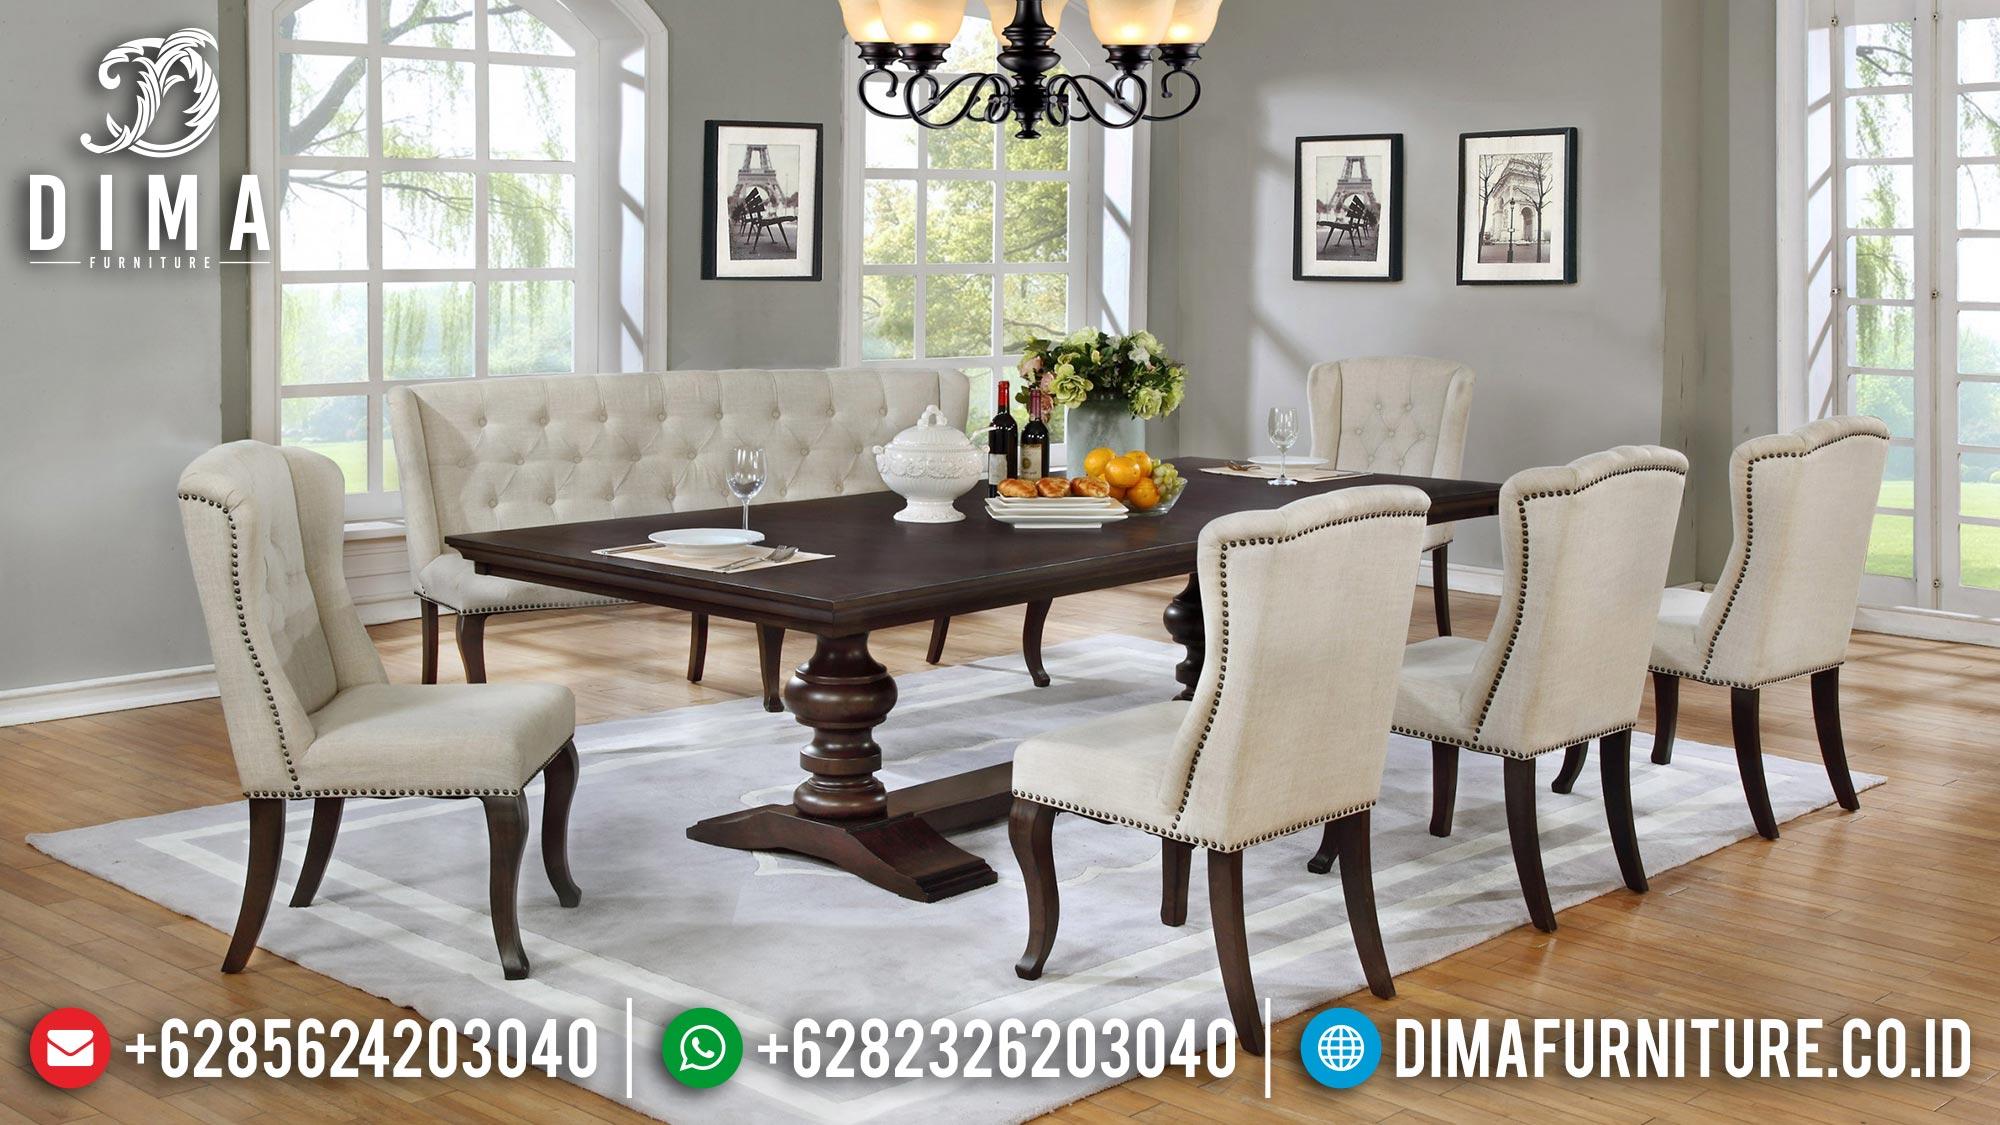 Get Now Meja Makan Minimalis Jati Classic Style Natural Salak Brown Mm-0863